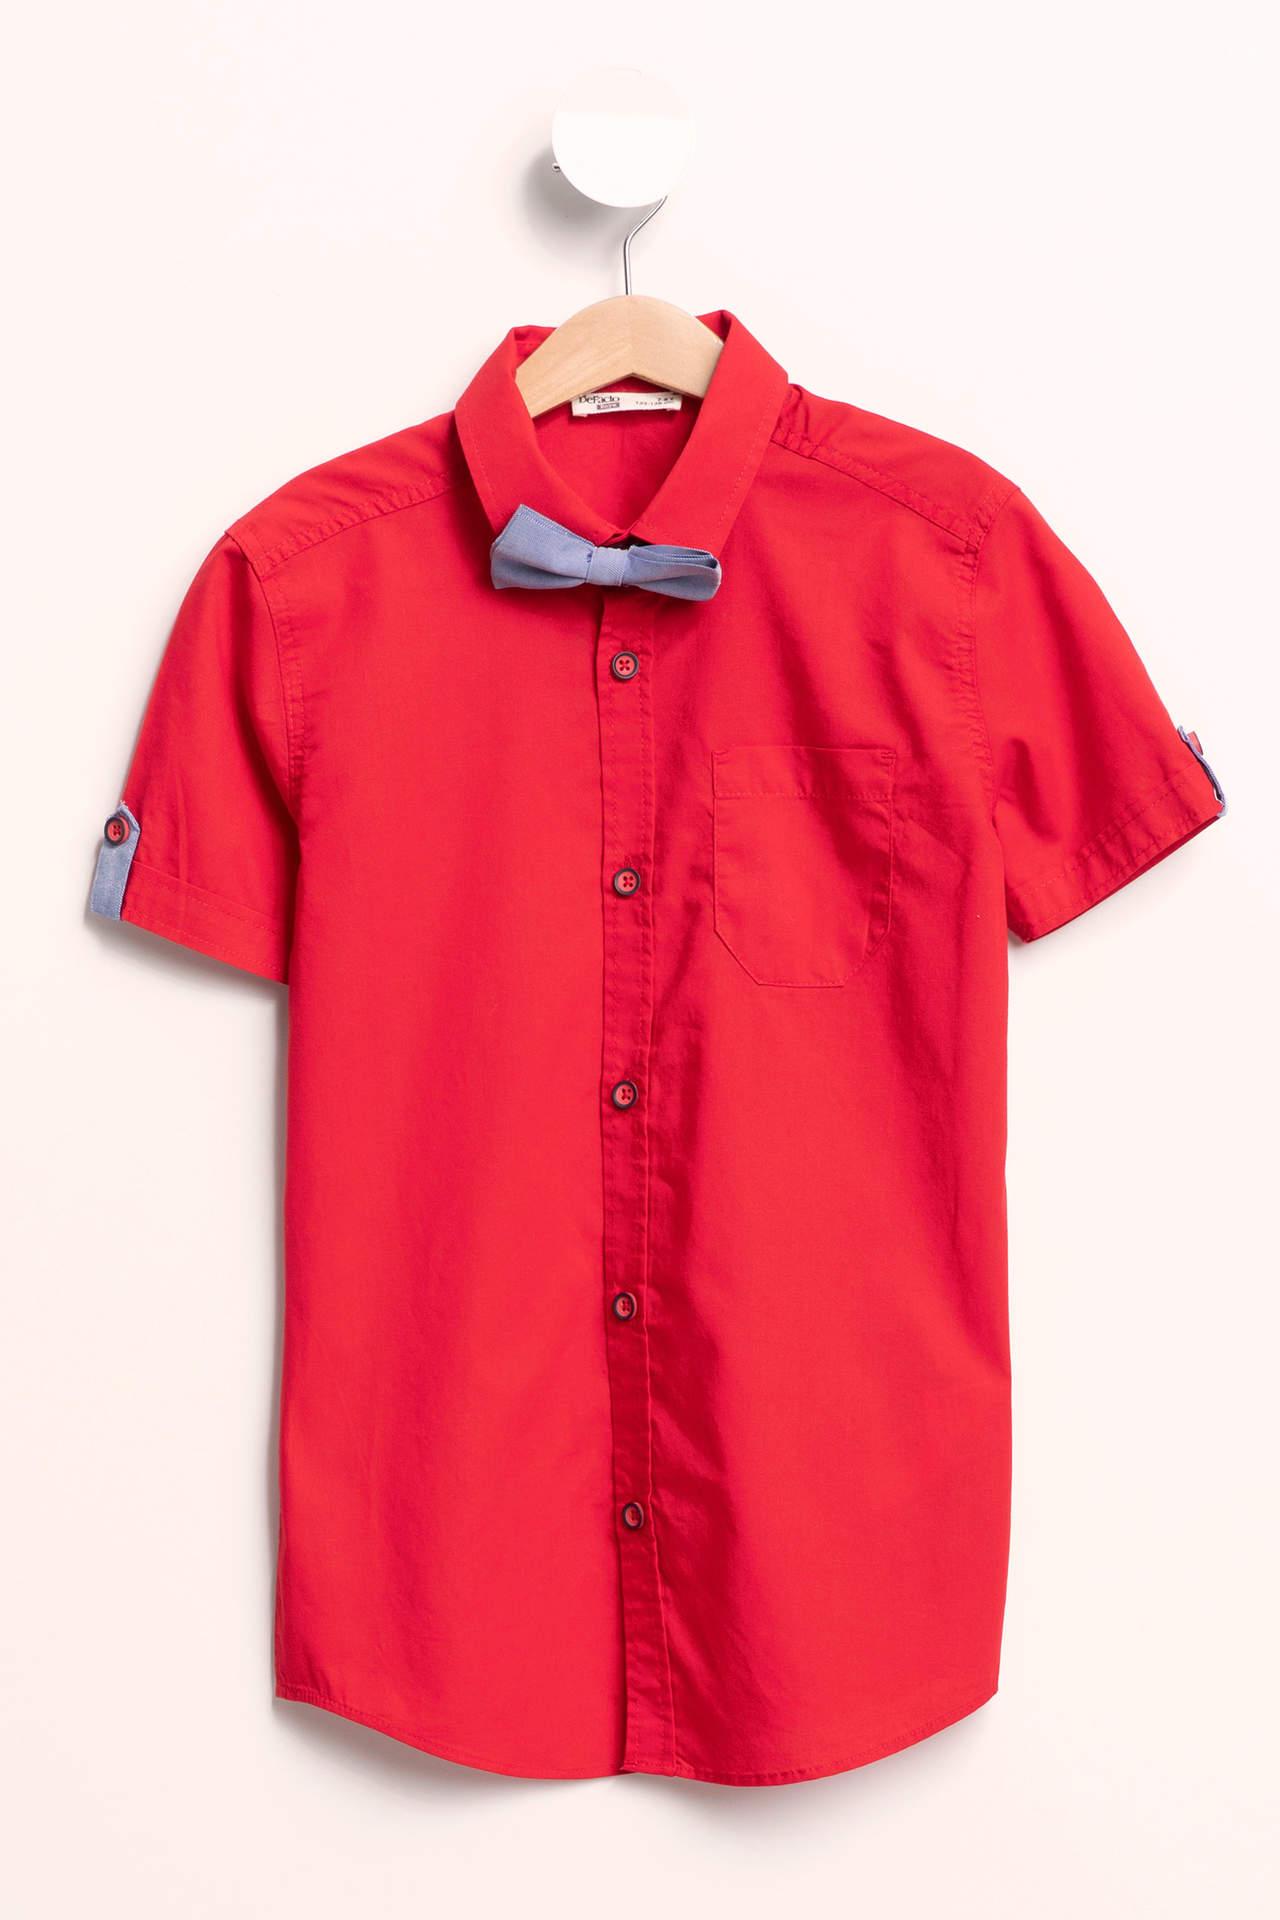 DeFacto Erkek Çocuk Papyon Detaylı Gömlek Kırmızı male